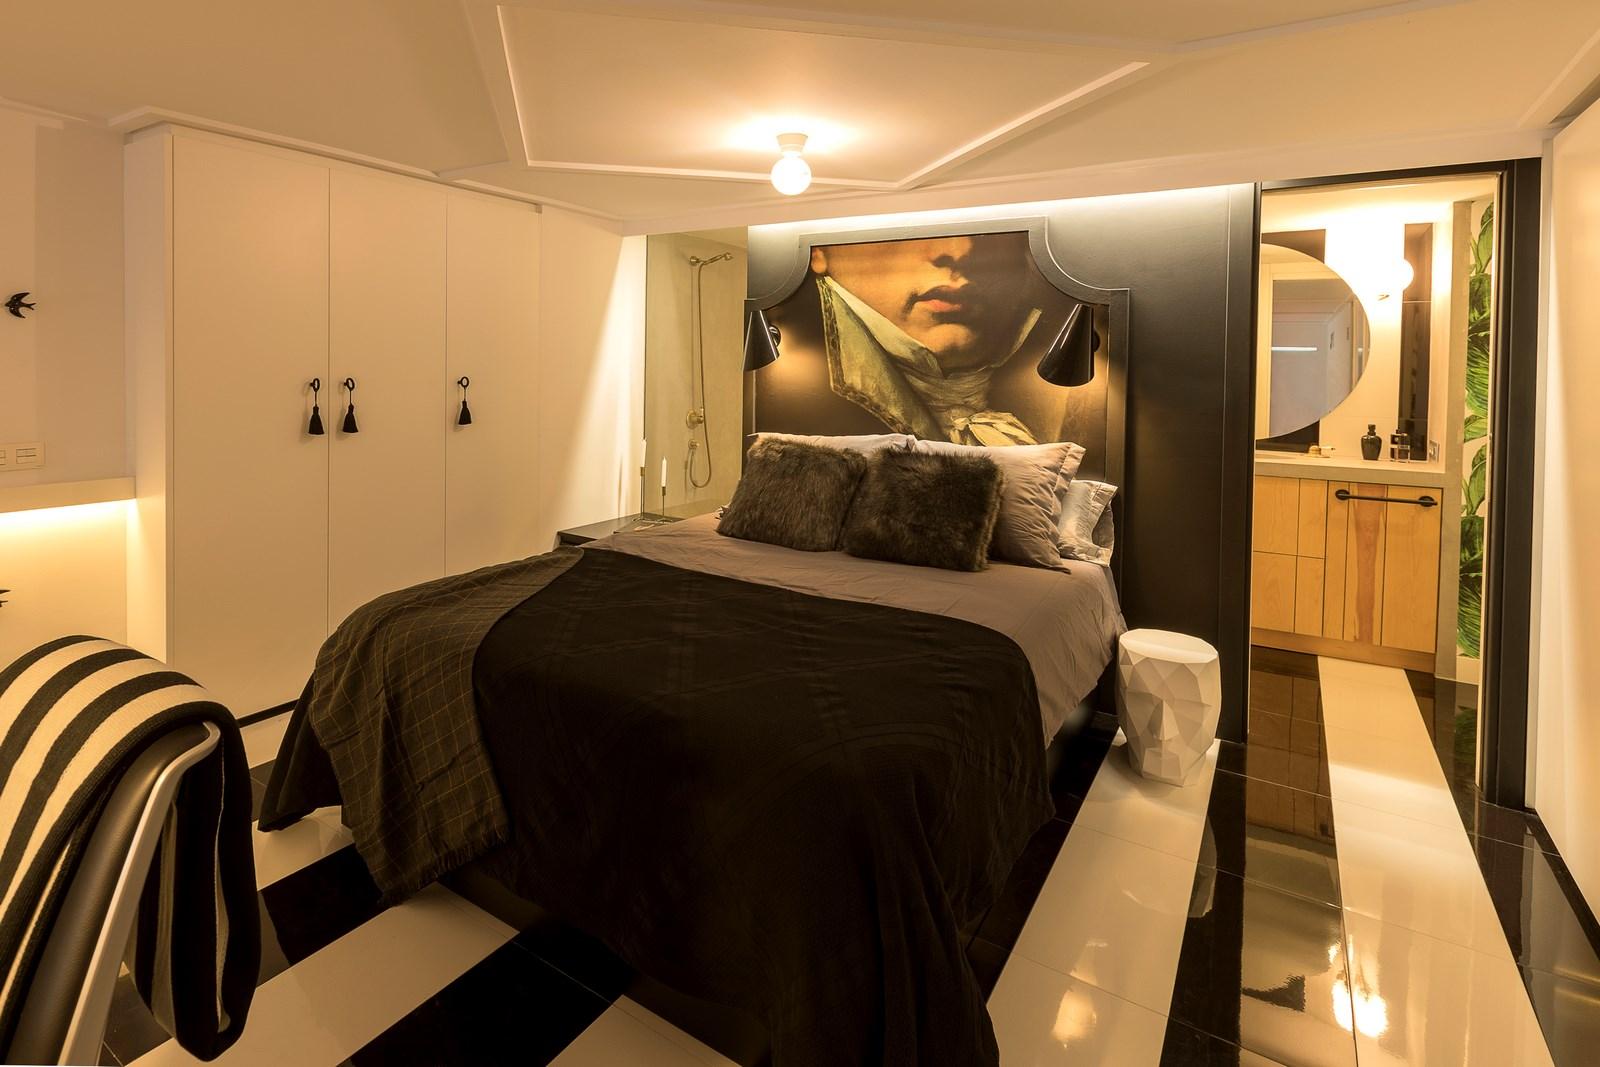 Lord-Loft-diseño-habitación-masculina-proyecto-diseño-interior-tiovivo-creativo-valencia (2) (Copy)